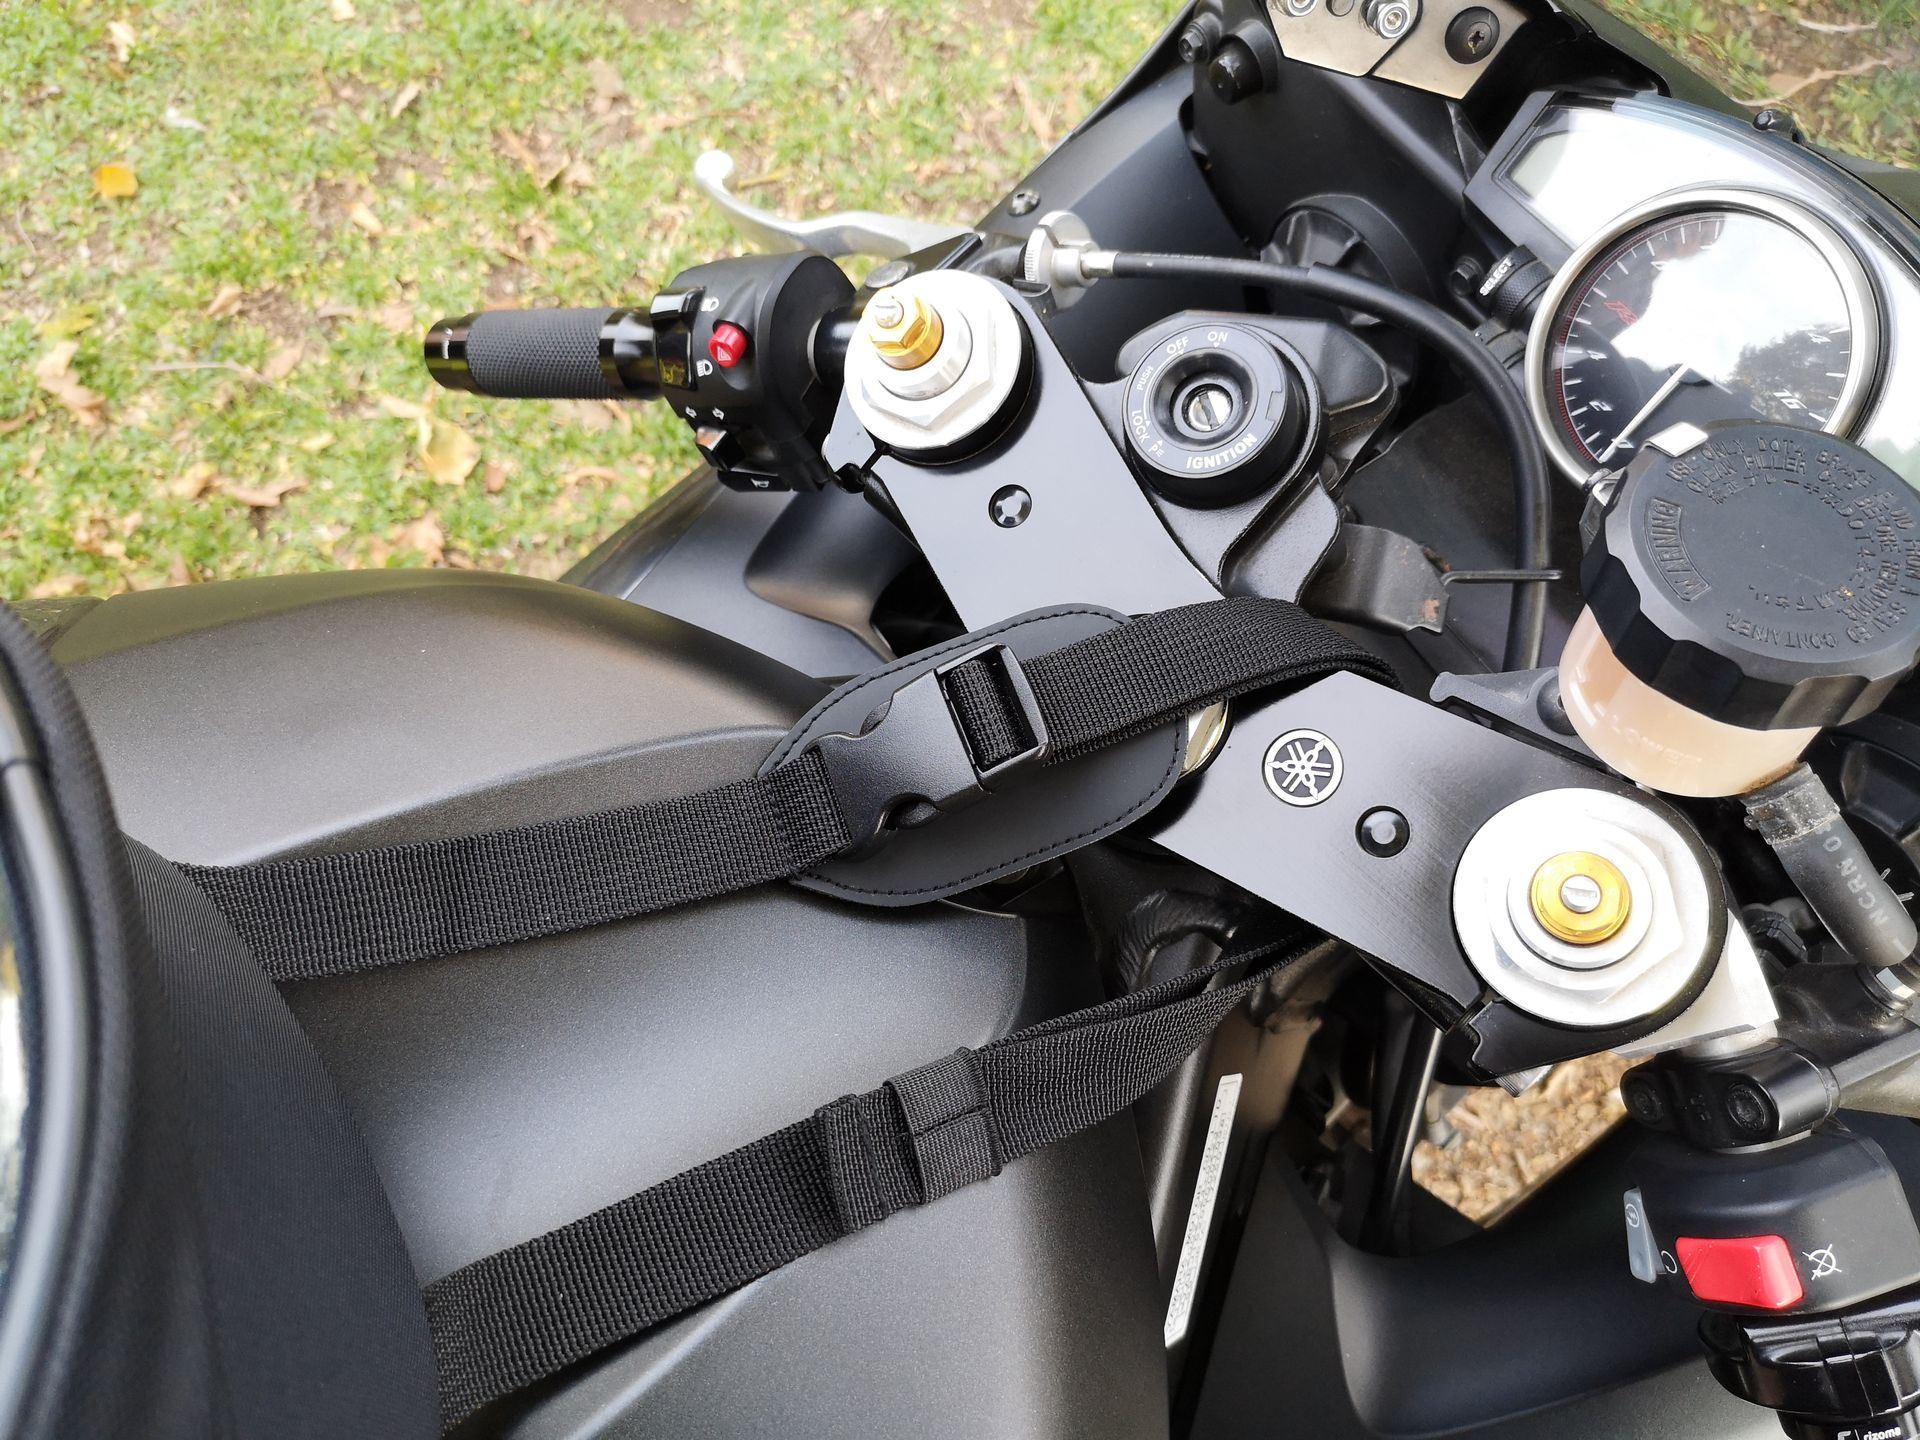 Sangle de sécurité de la sacoche de réservoir Kappa RA311R